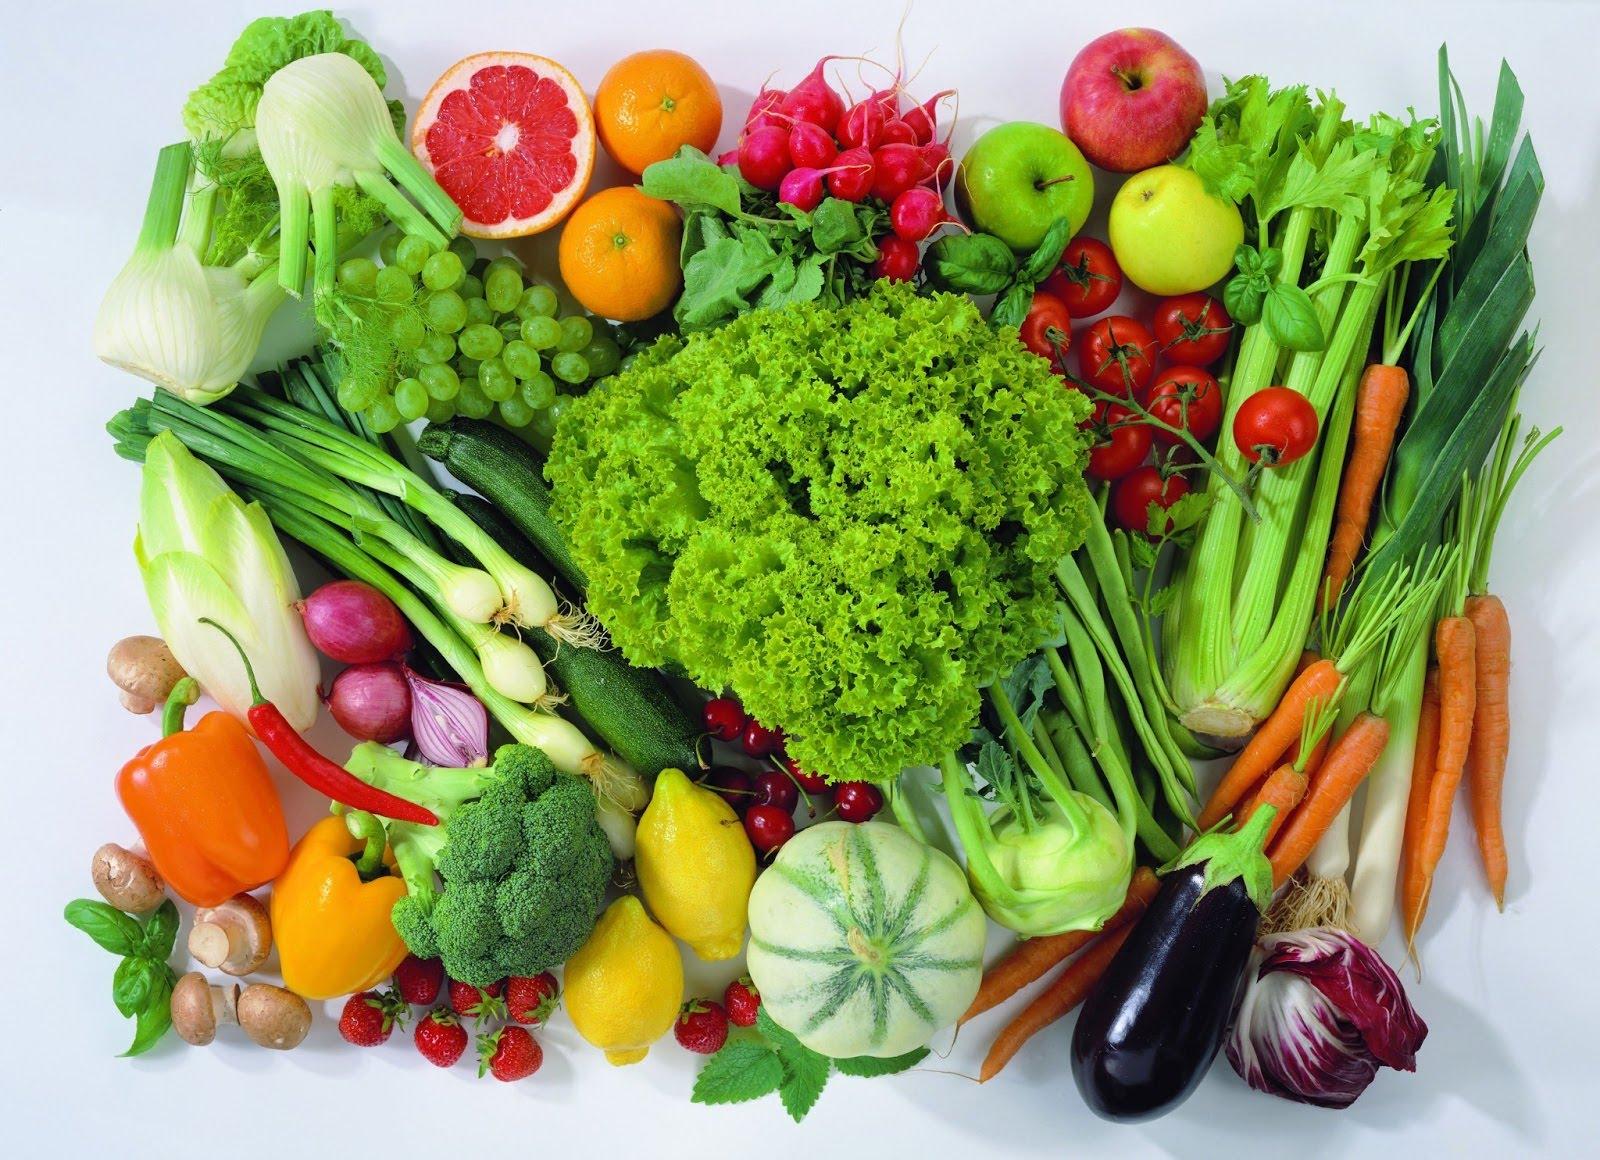 Ăn nhiều rau củ quả giúp giải độc cơ thể